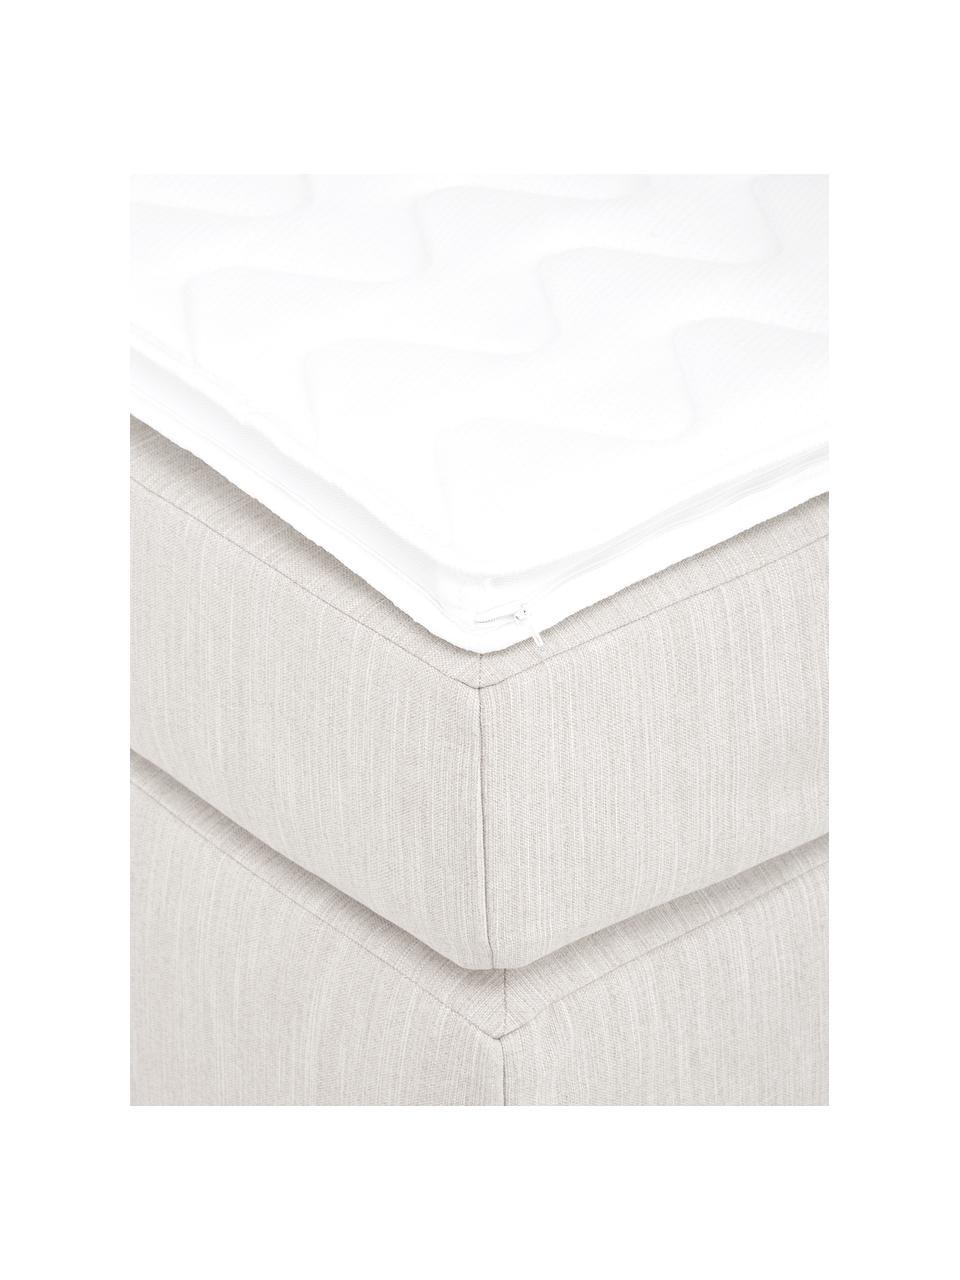 Boxspringbett Aries ohne Kopfteil in Hellbeige, Matratze: 5-Zonen-Taschenfederkern, Füße: Kunststoff, Webstoff Hellbeige, 200 x 200 cm